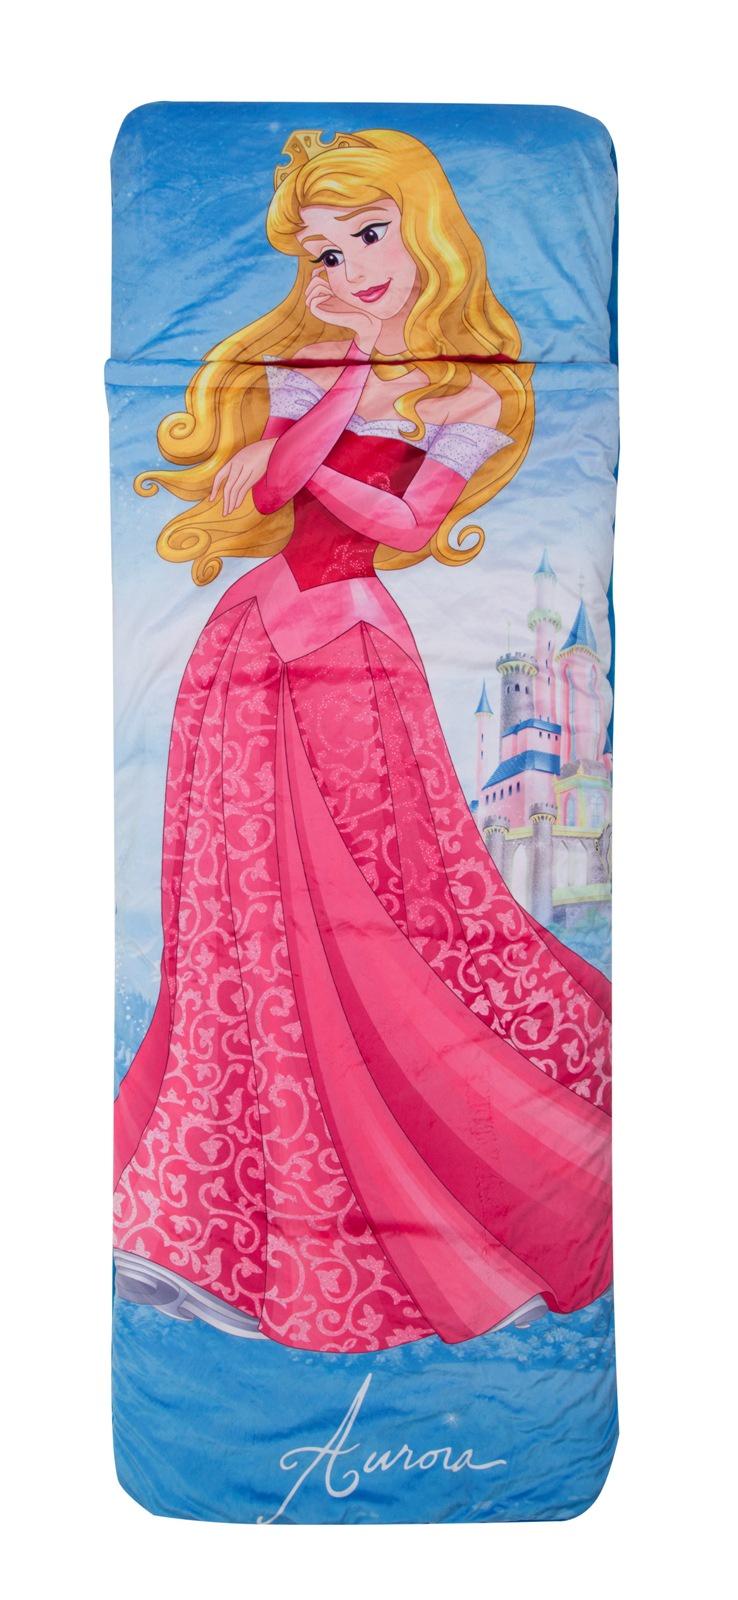 Фото - Спальный мешок Disney Принцесса Дисней Аврора, для использования в помещении. 16413 набор кофейной посуды disney принцесса аврора